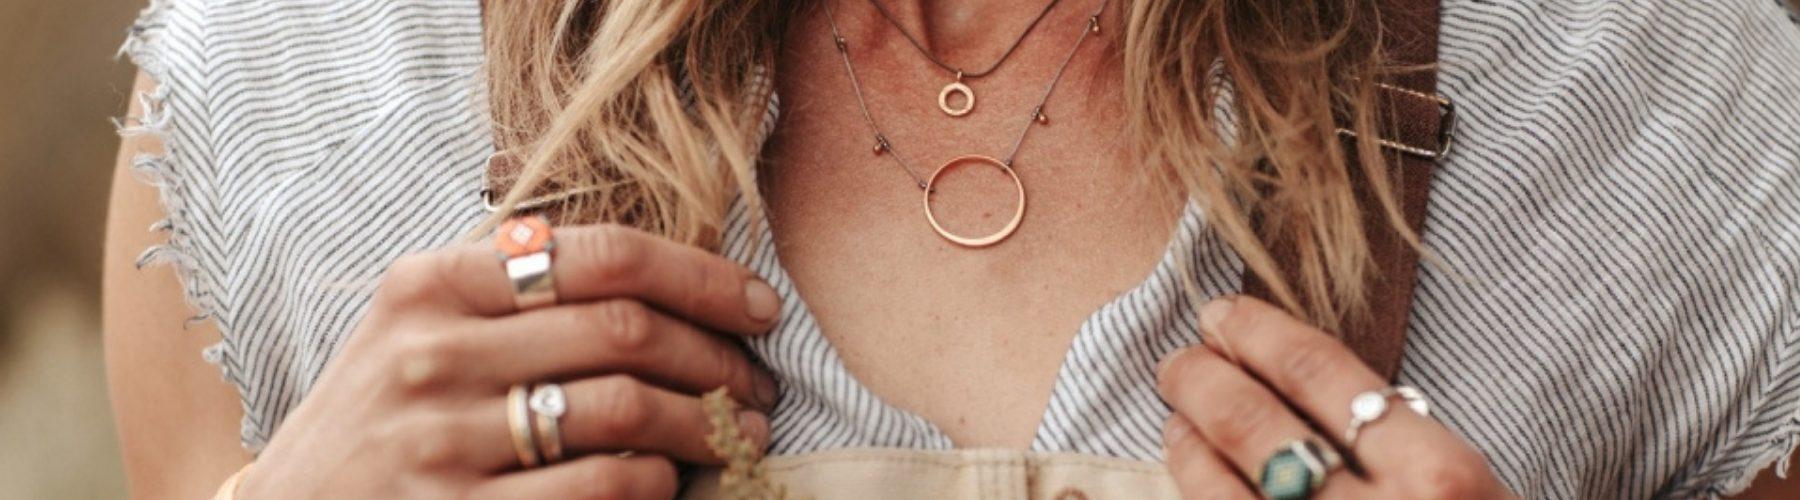 Bronwen Jewelry Hero Image